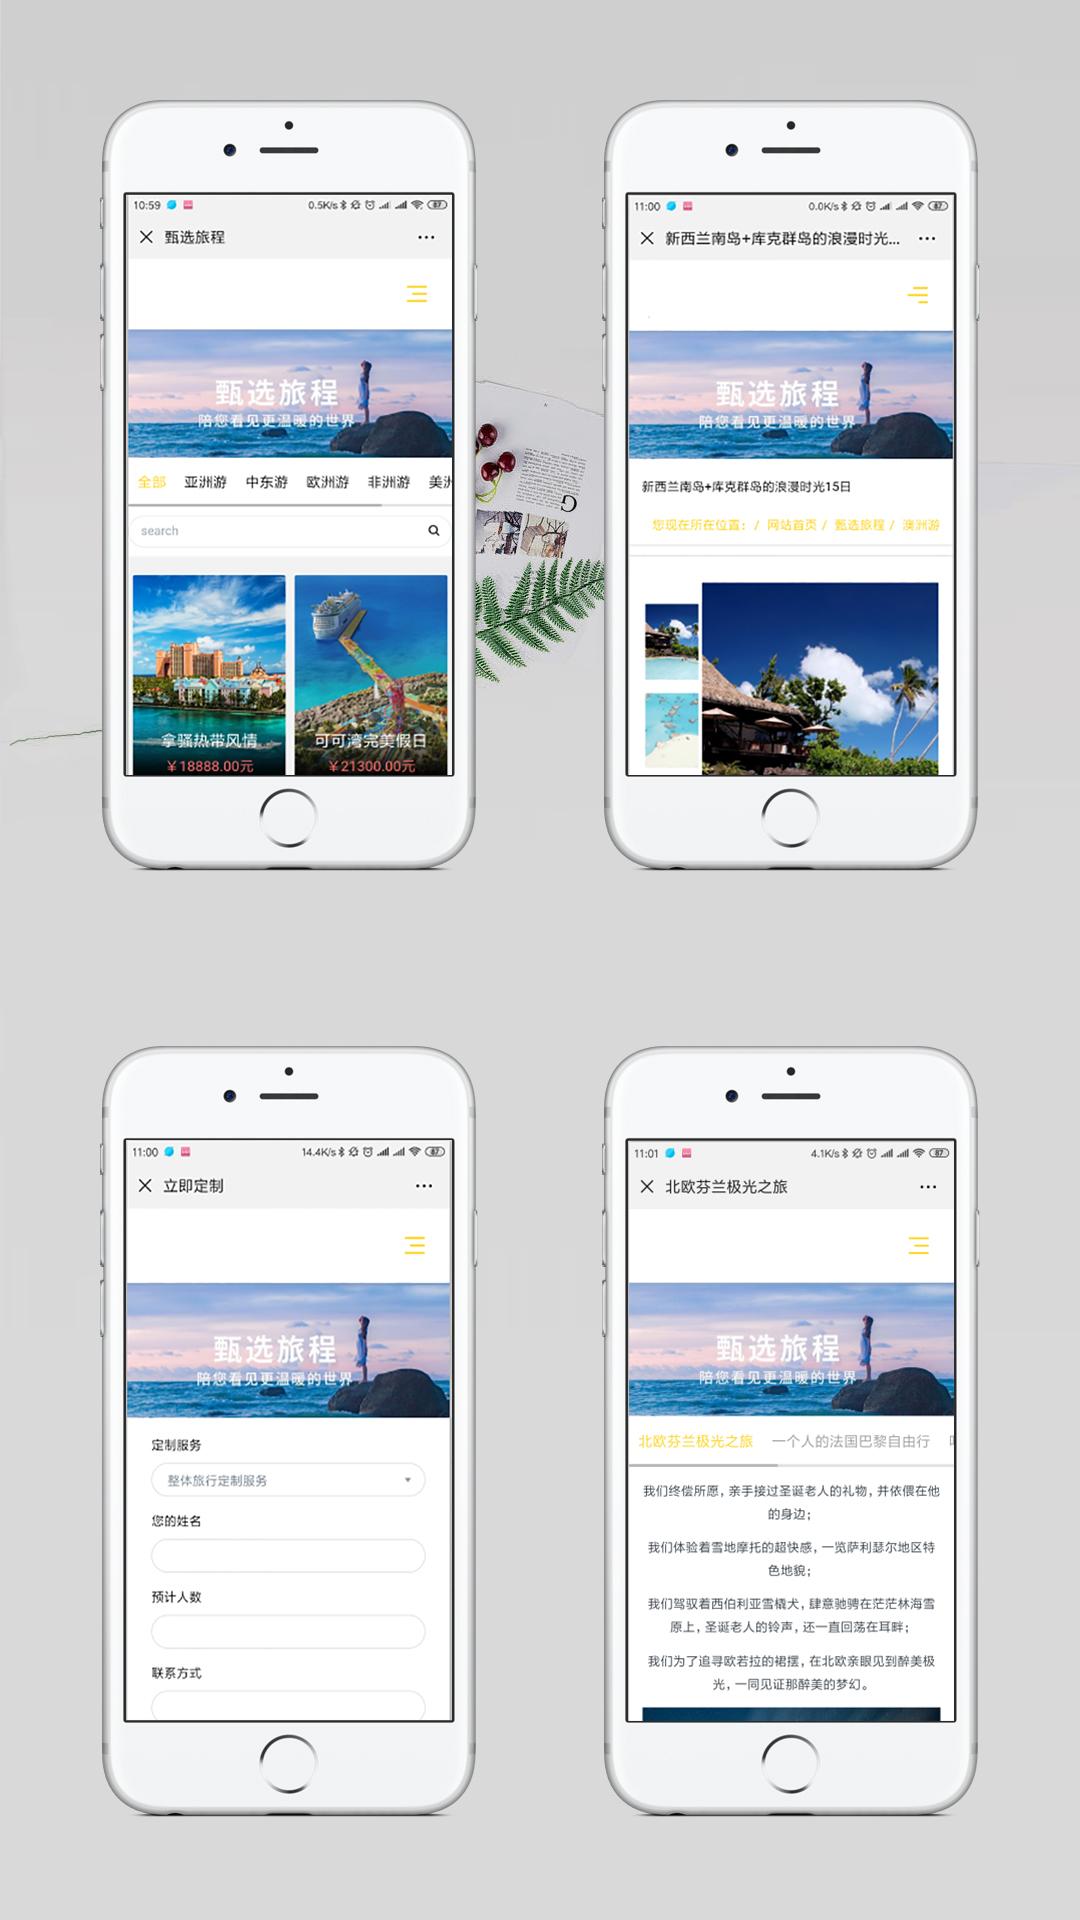 河北旅行手机网站建设案例